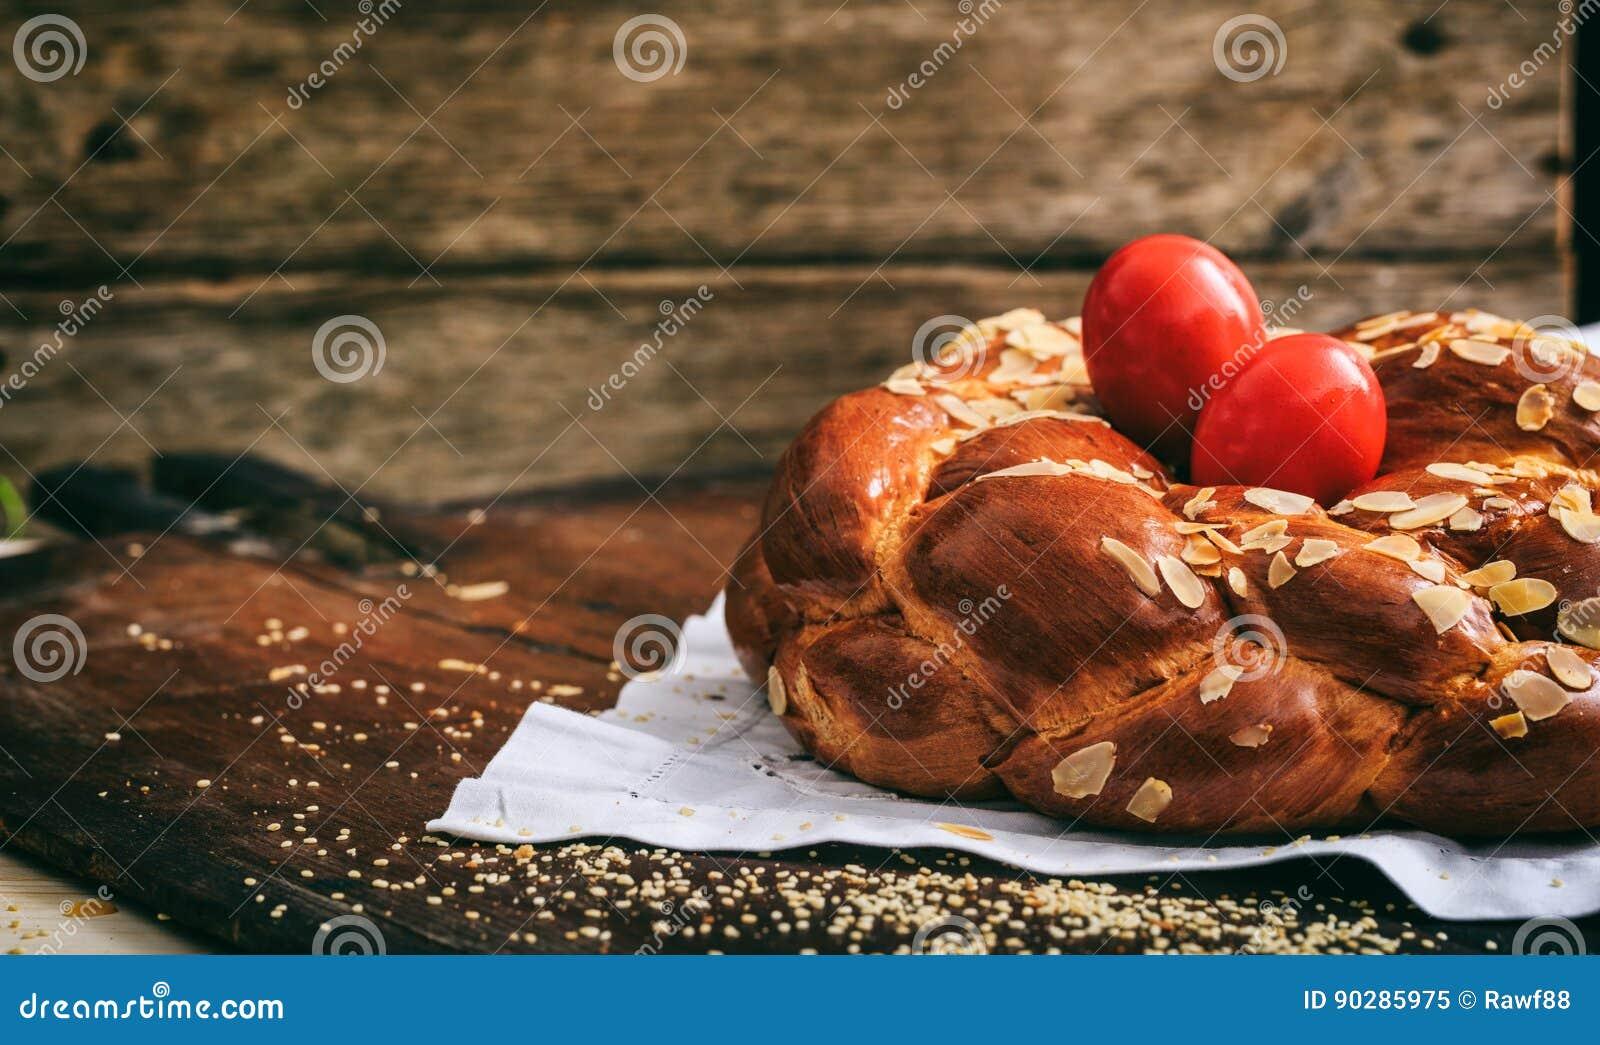 复活节面包和鸡蛋在桌上-复制空间